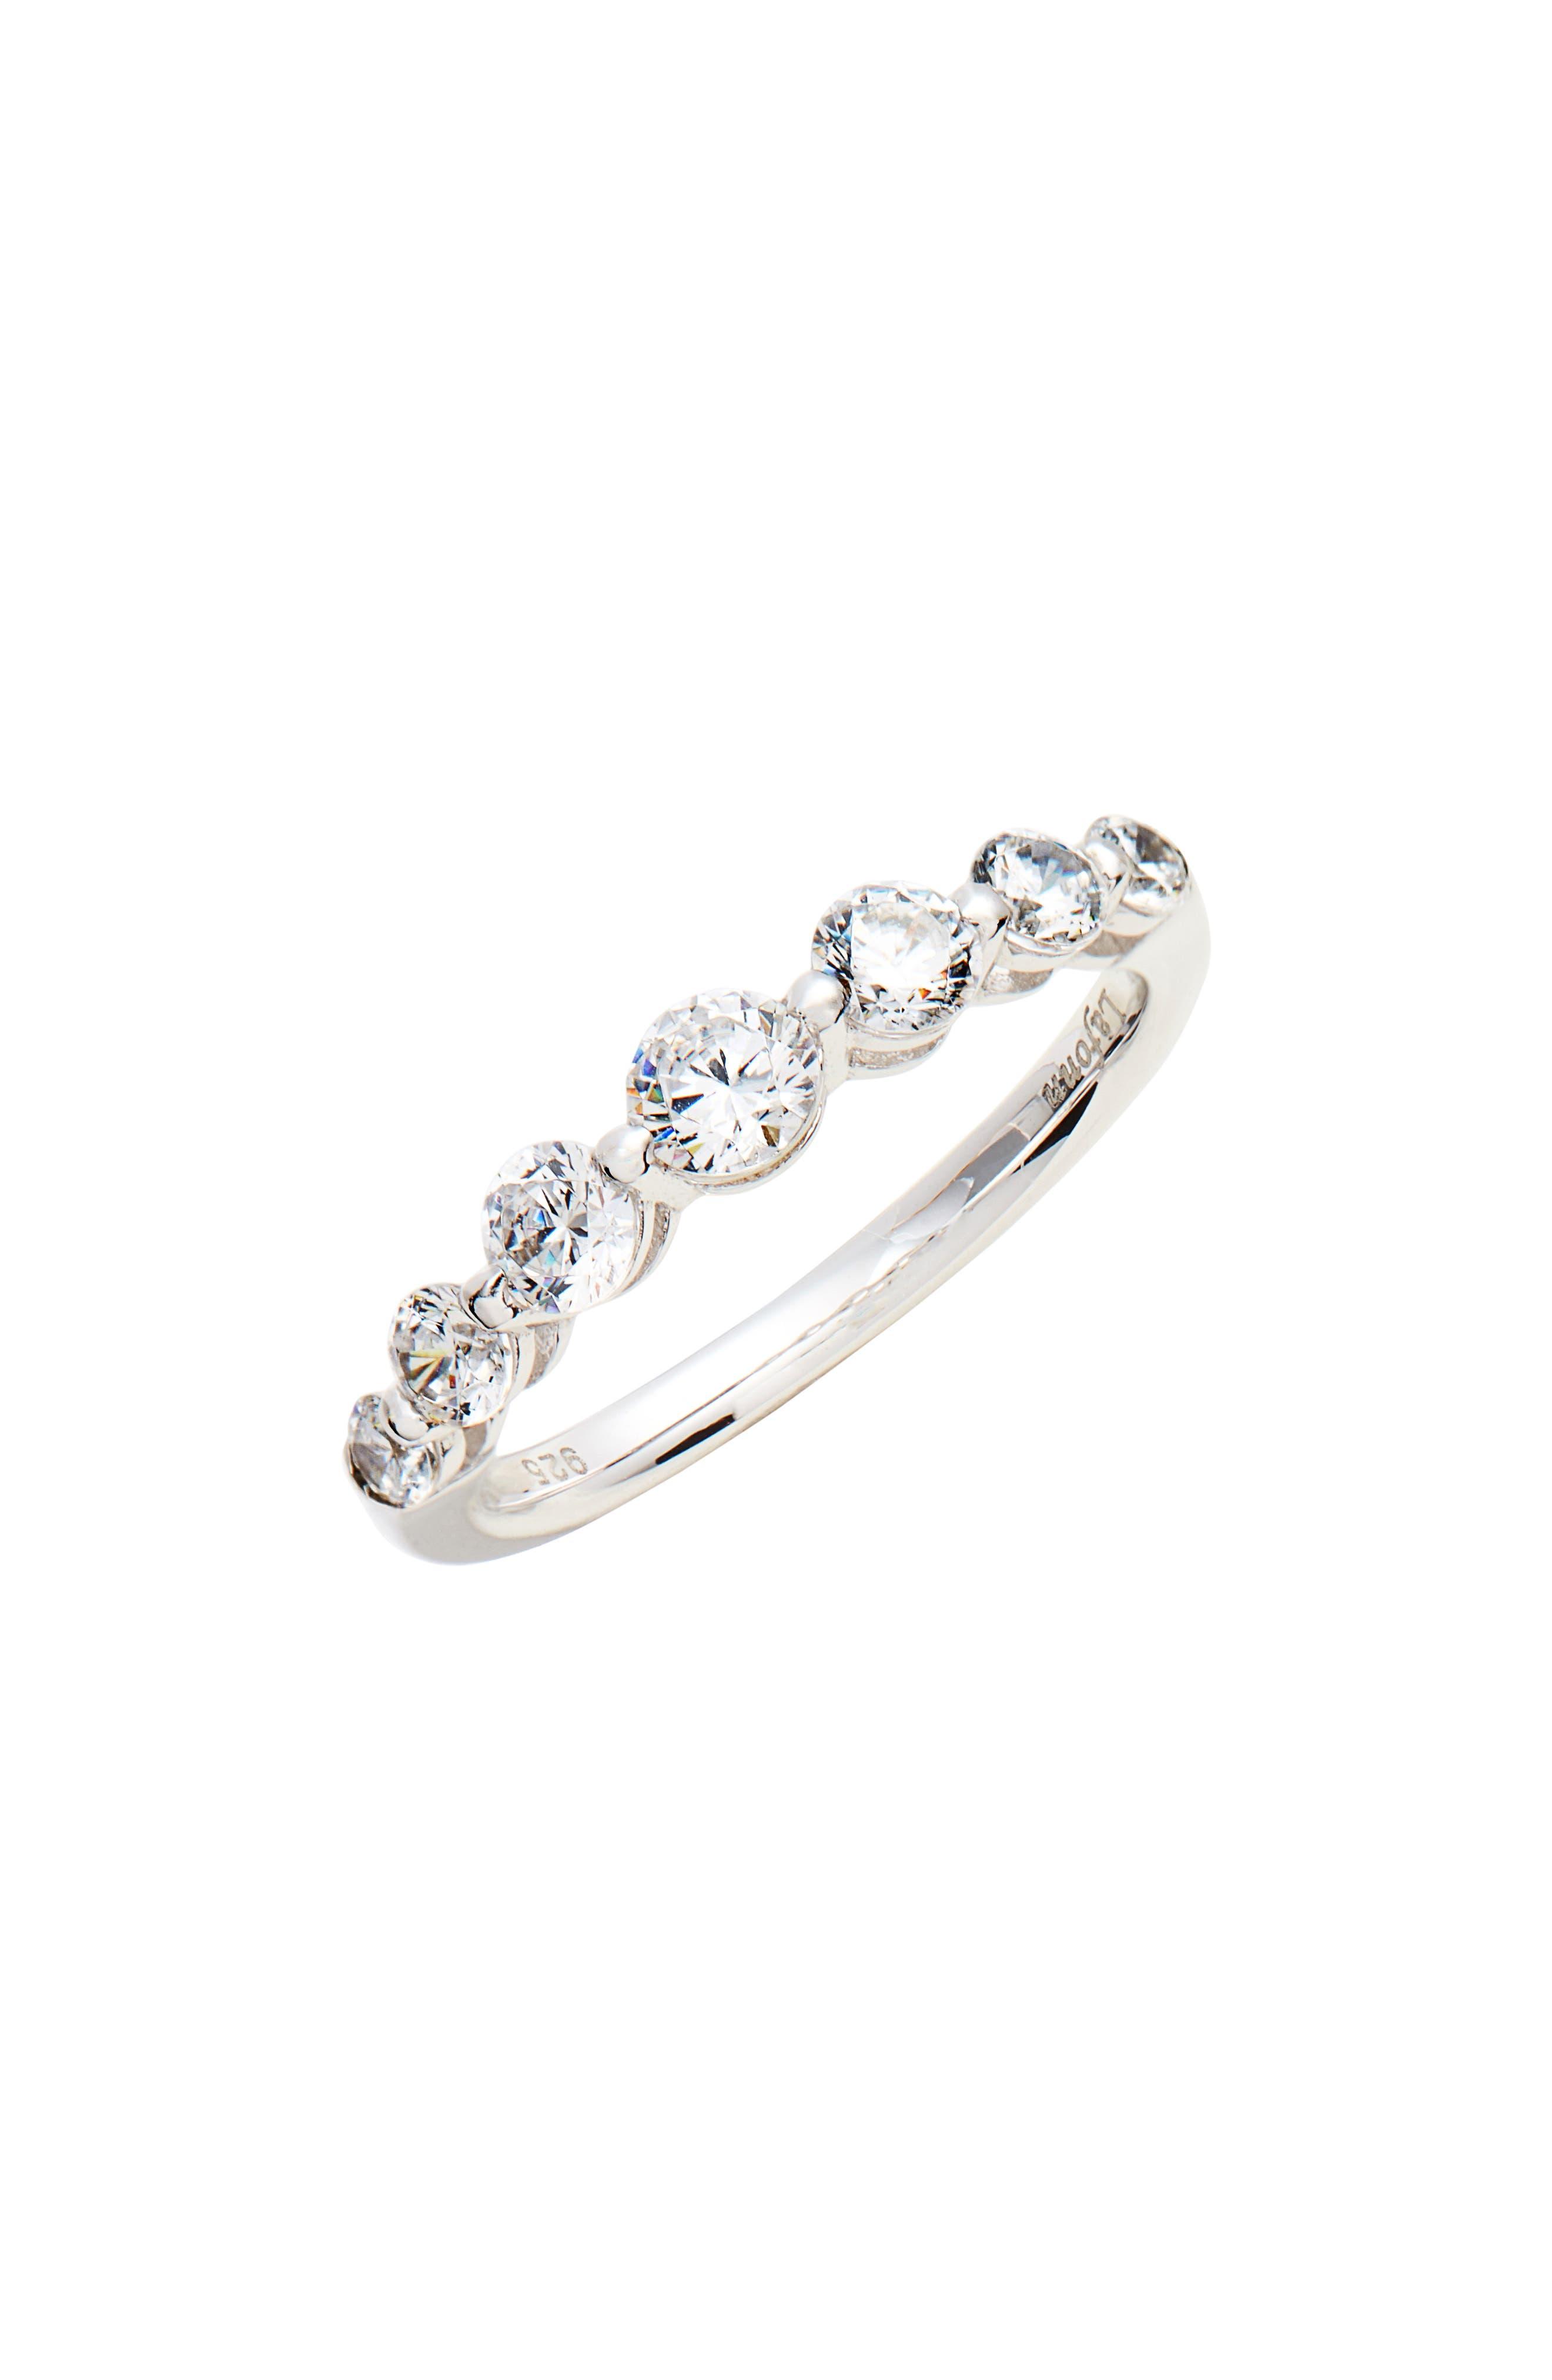 7 Symbols of Joy Ring,                             Main thumbnail 1, color,                             Silver/ Clear